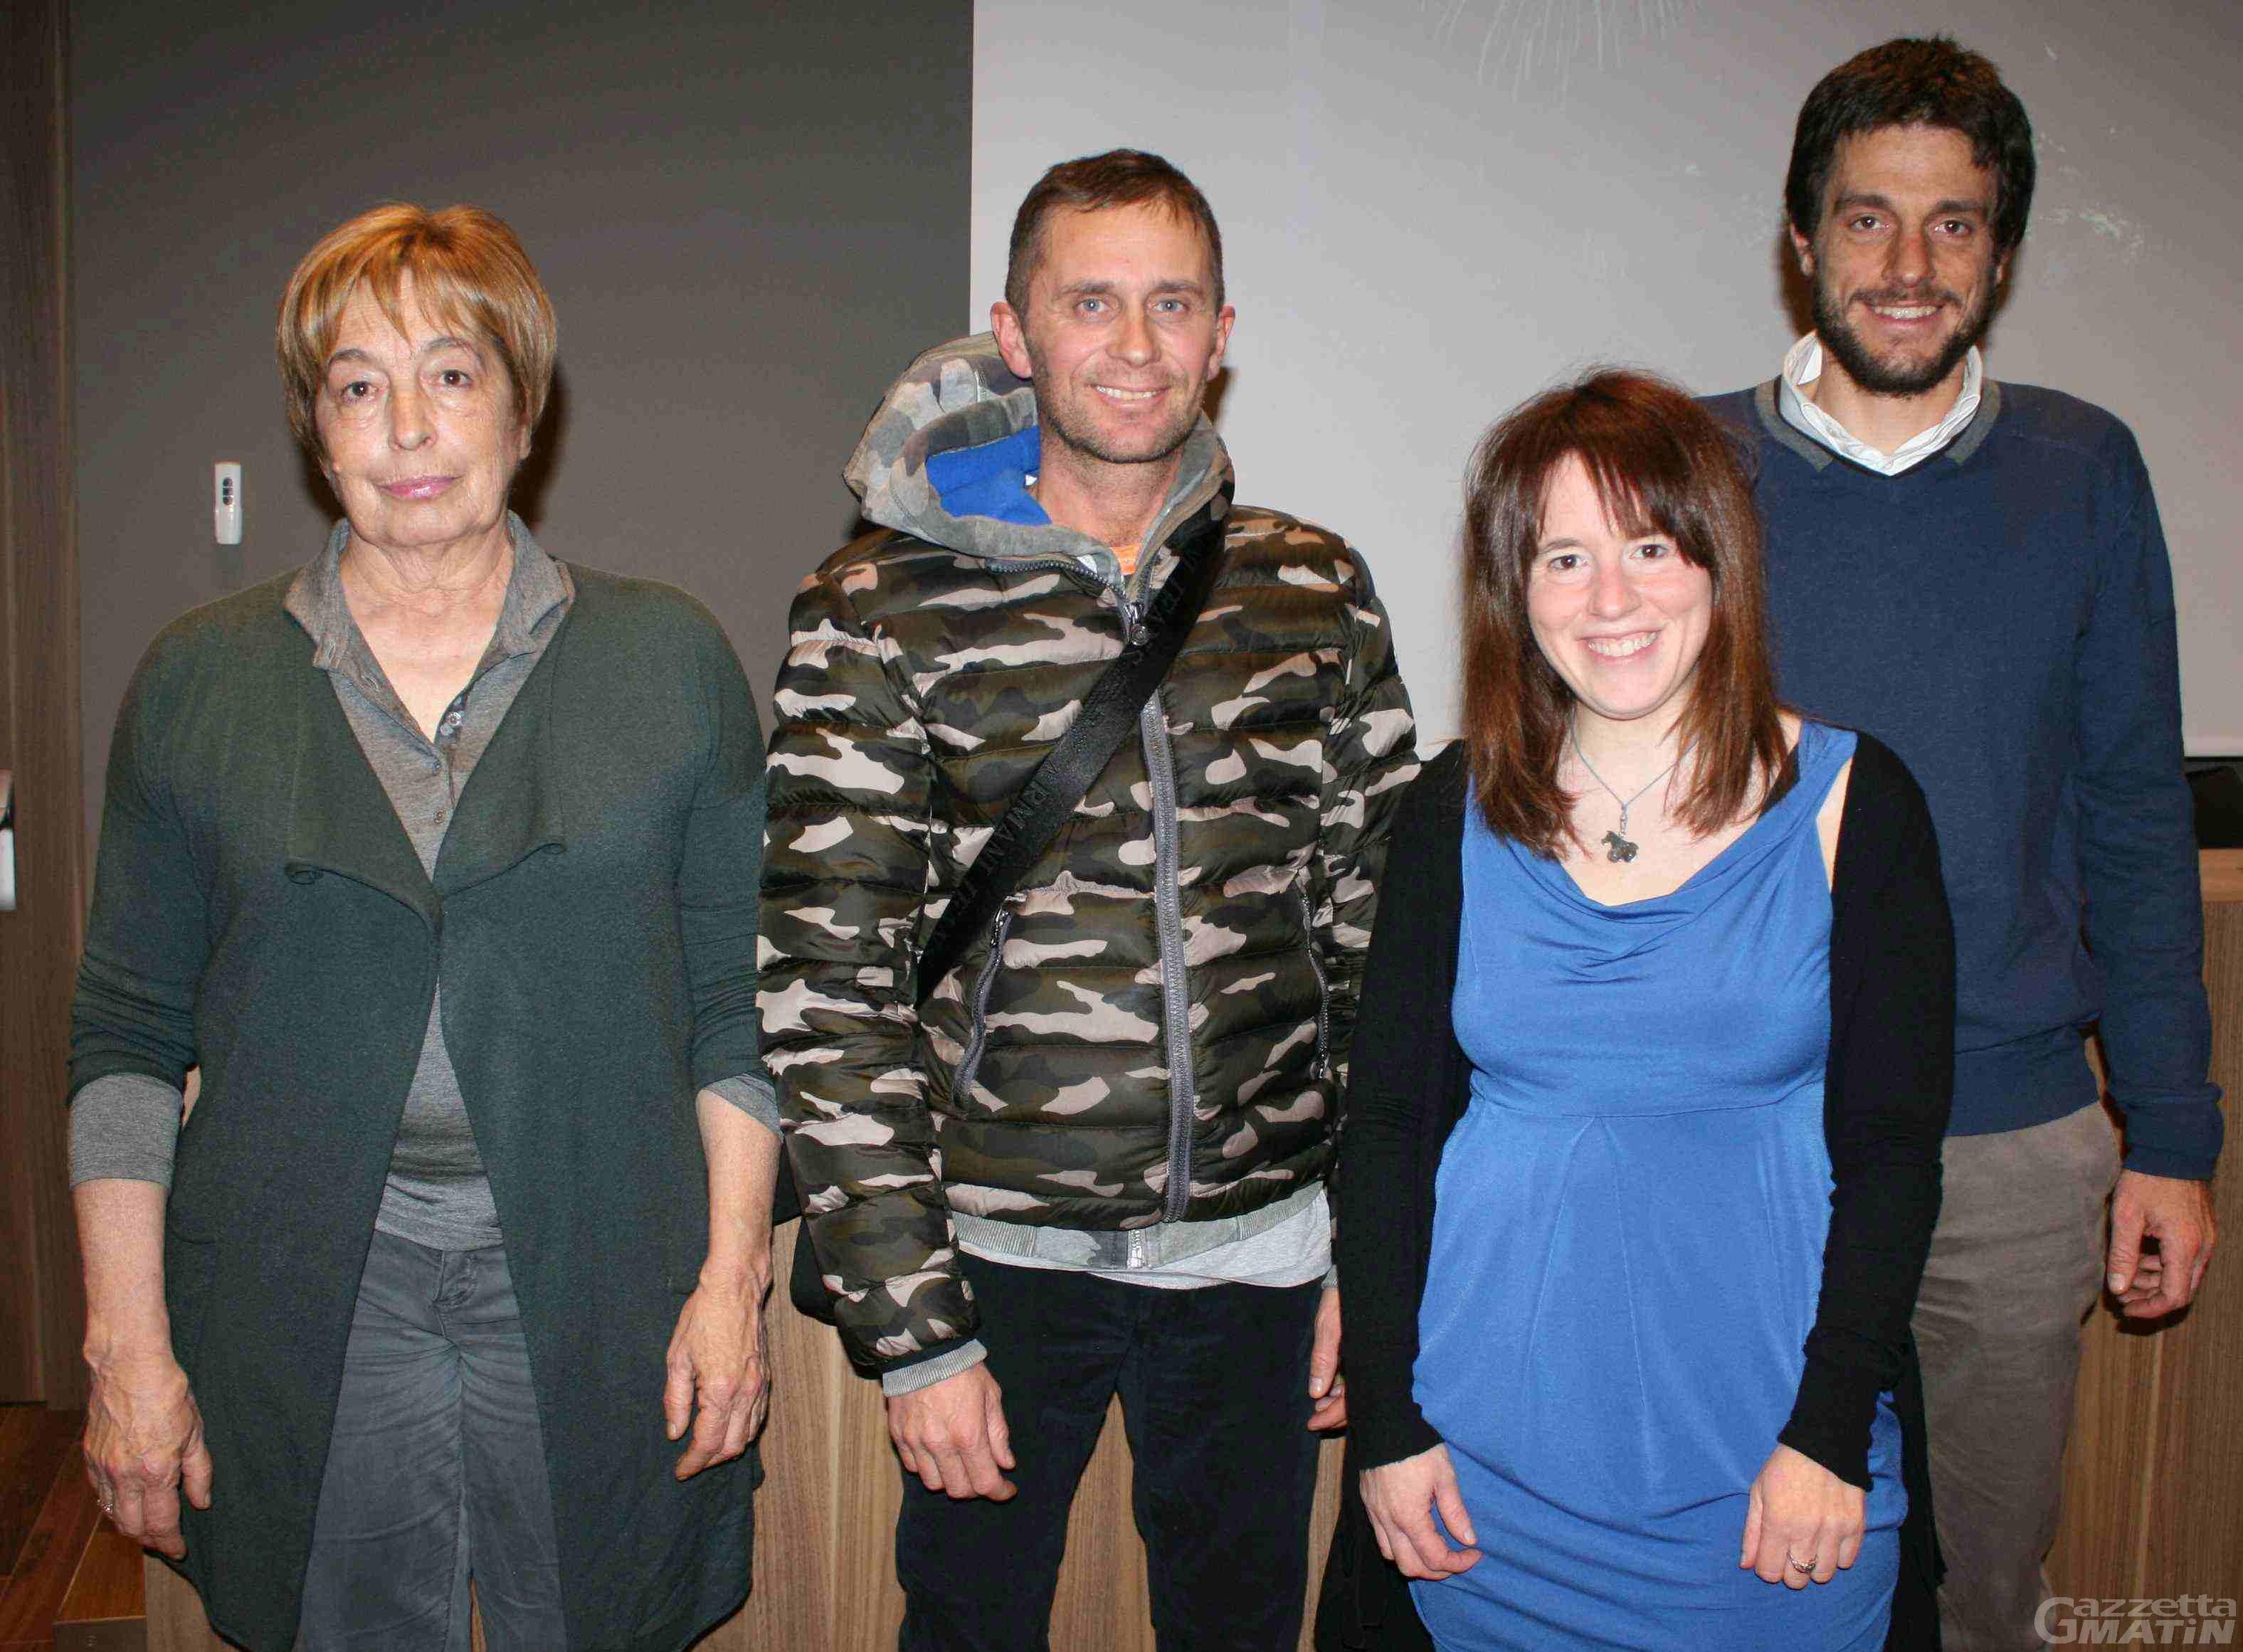 Fotografia: i premiati del concorso 'Giorgio Menel'